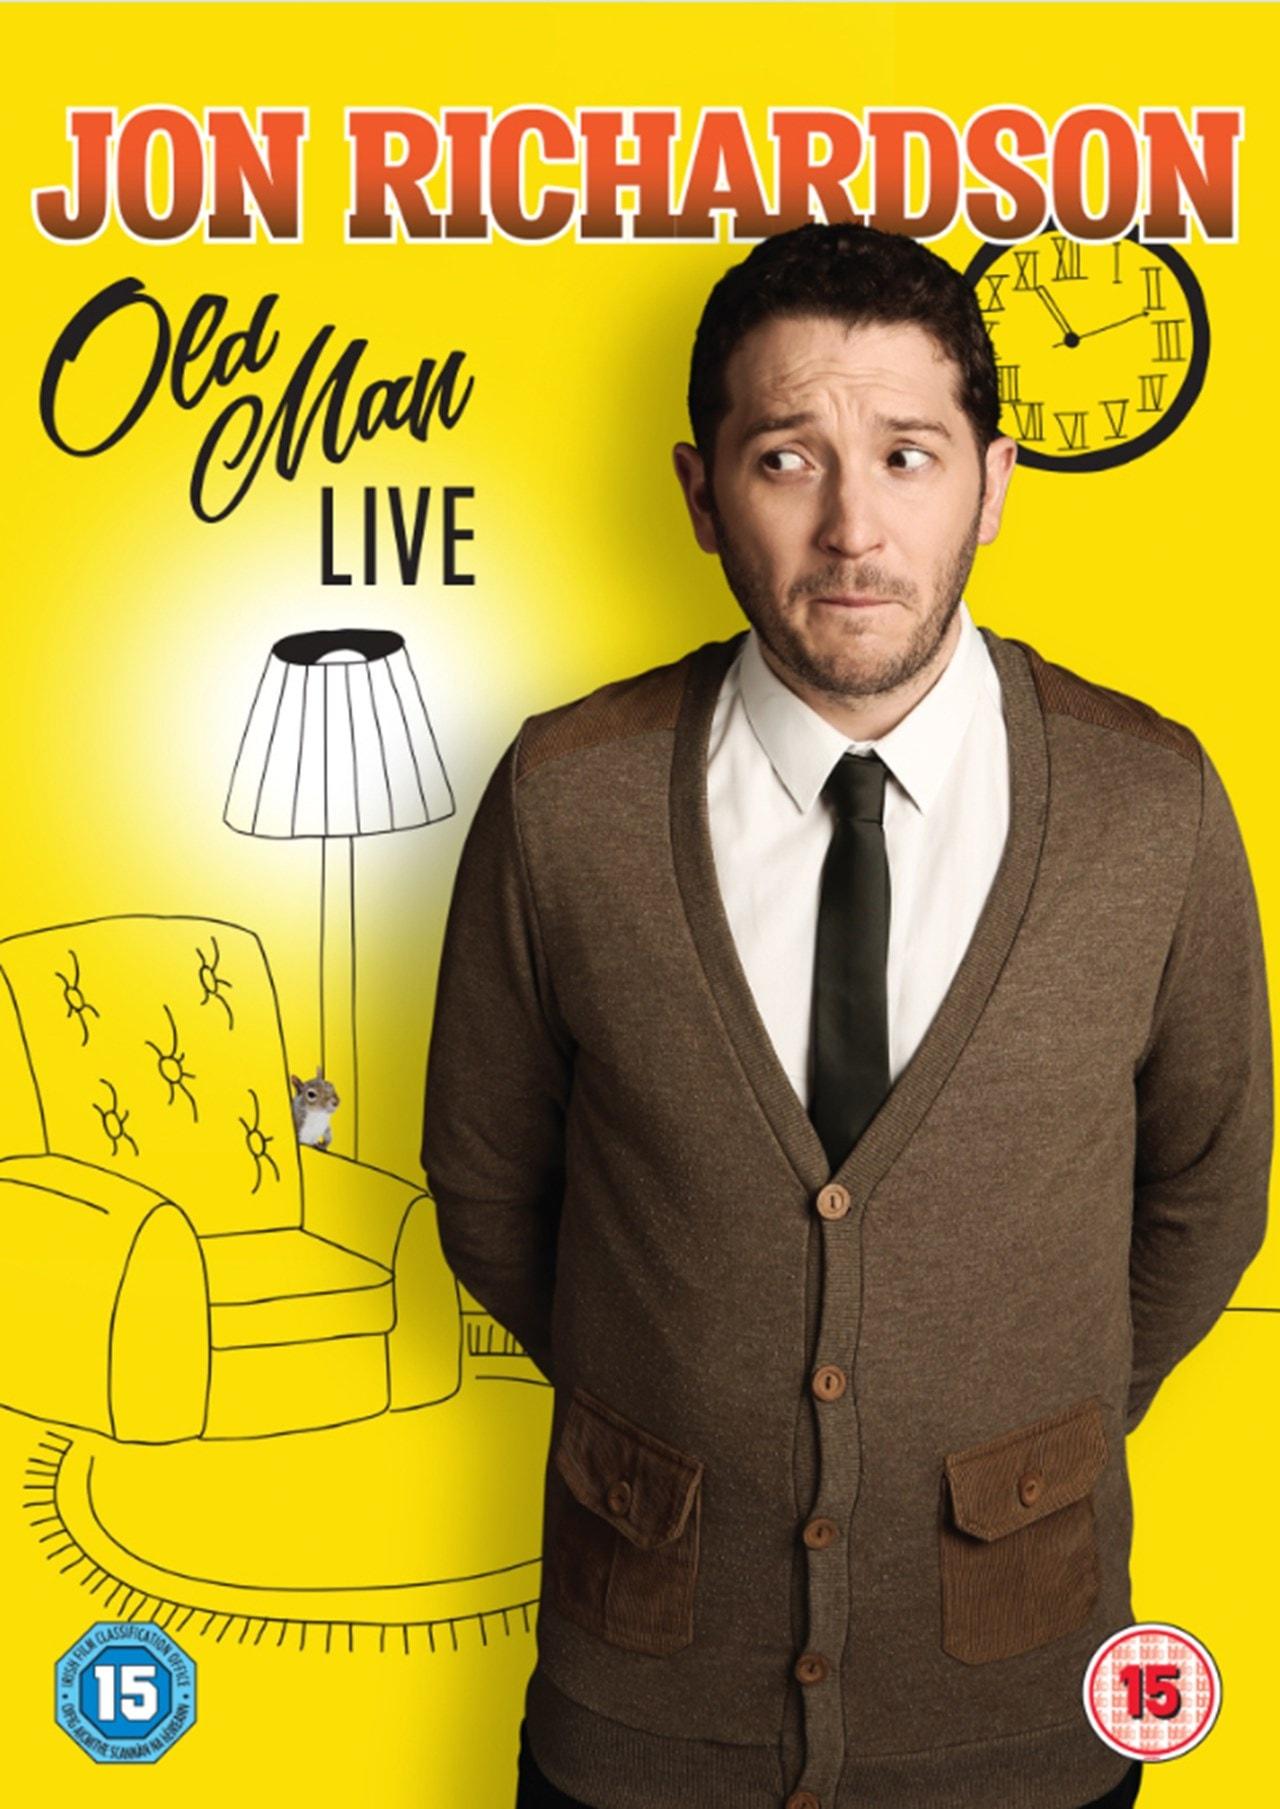 Jon Richardson: Old Man - Live - 1